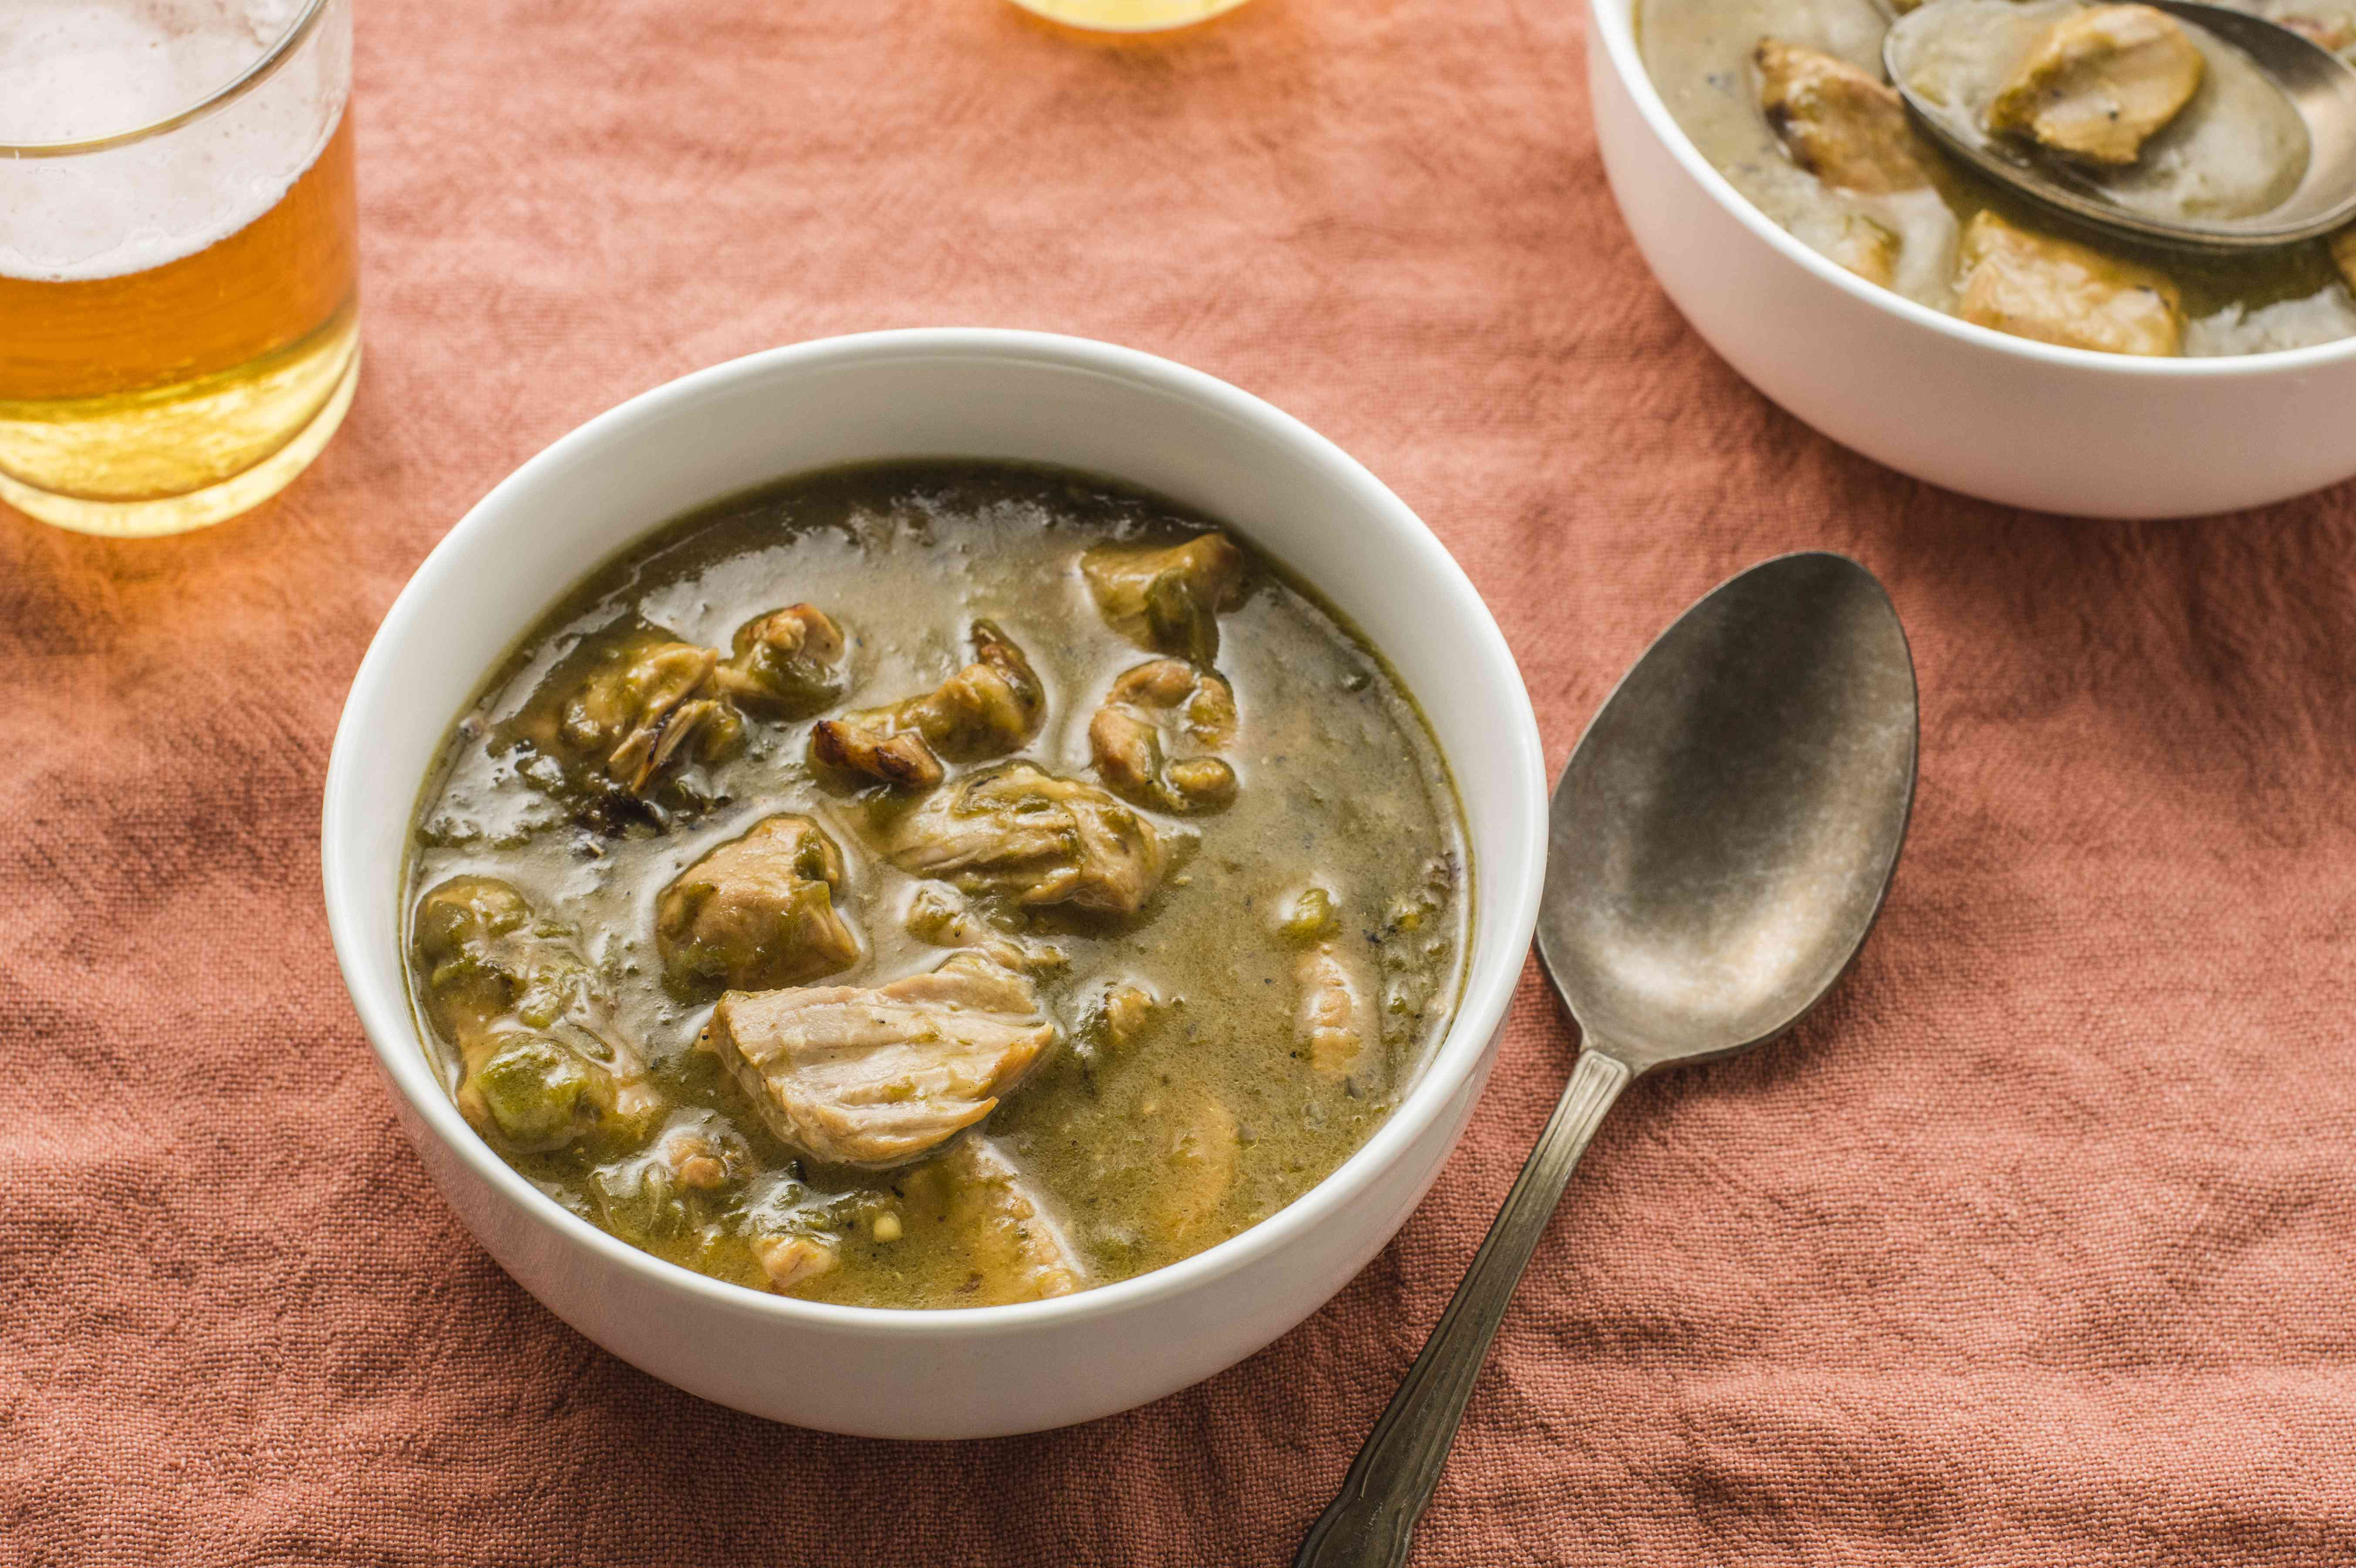 Pork green chili recipe